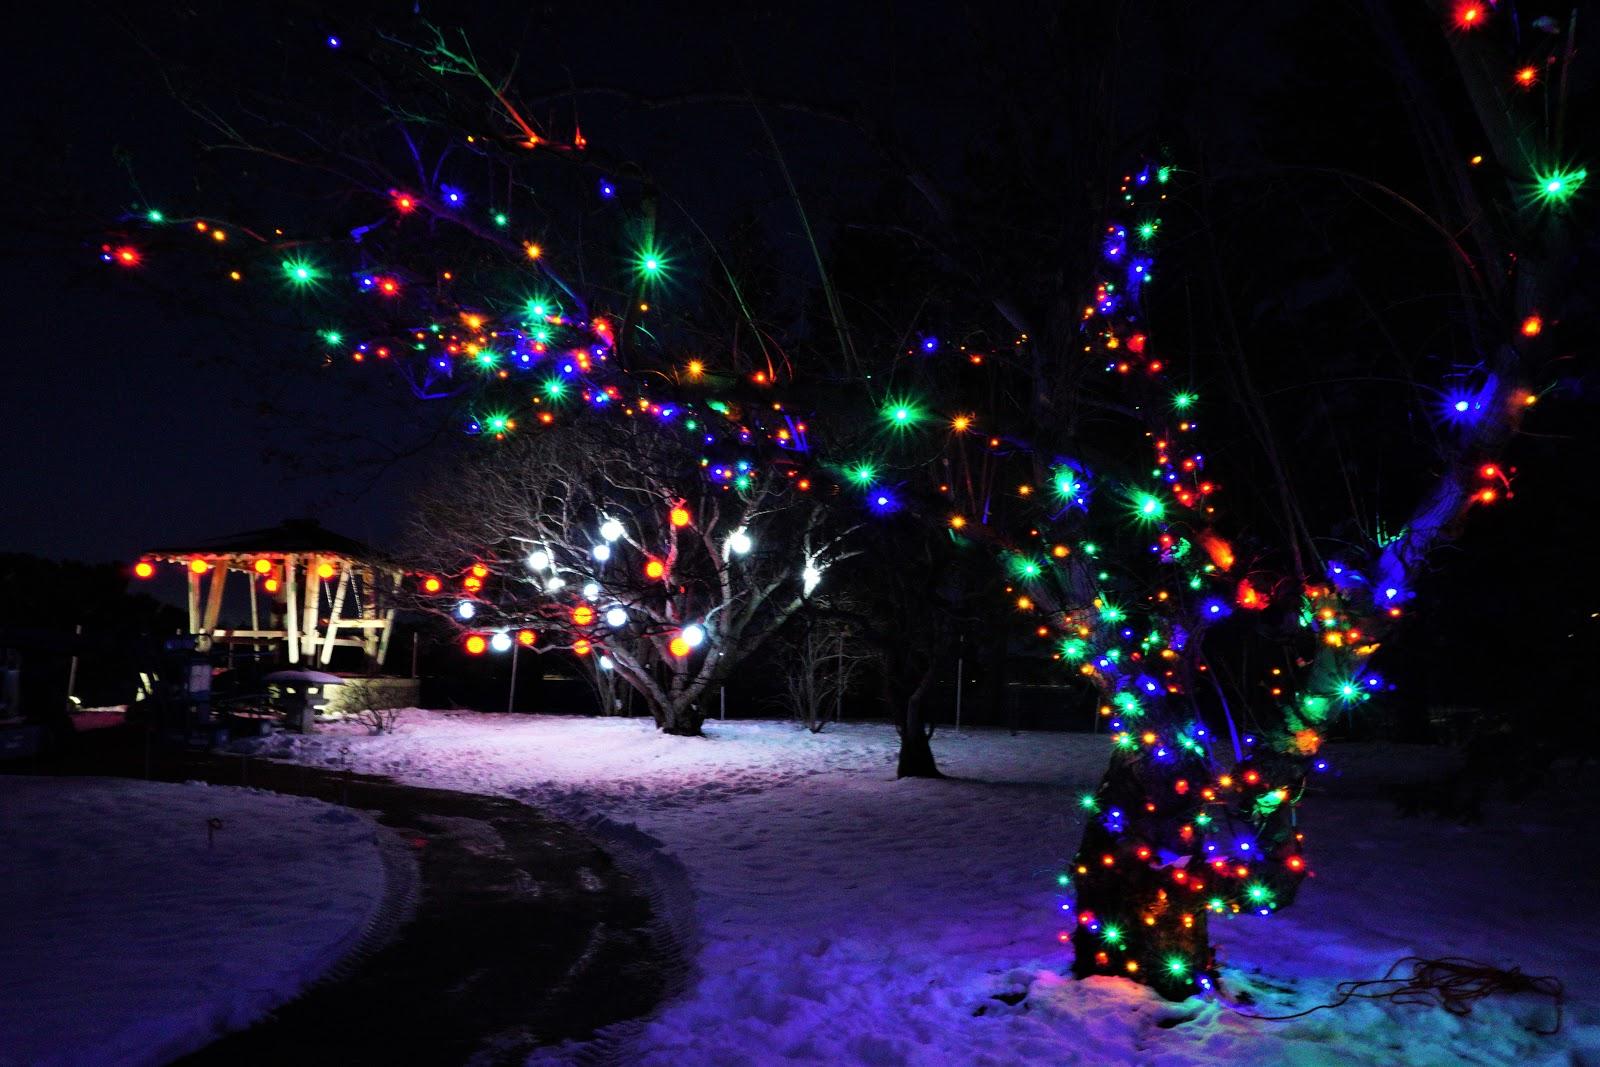 Winter Lights Festival at Nikka Yuko Japanese Garden, Lethbridge